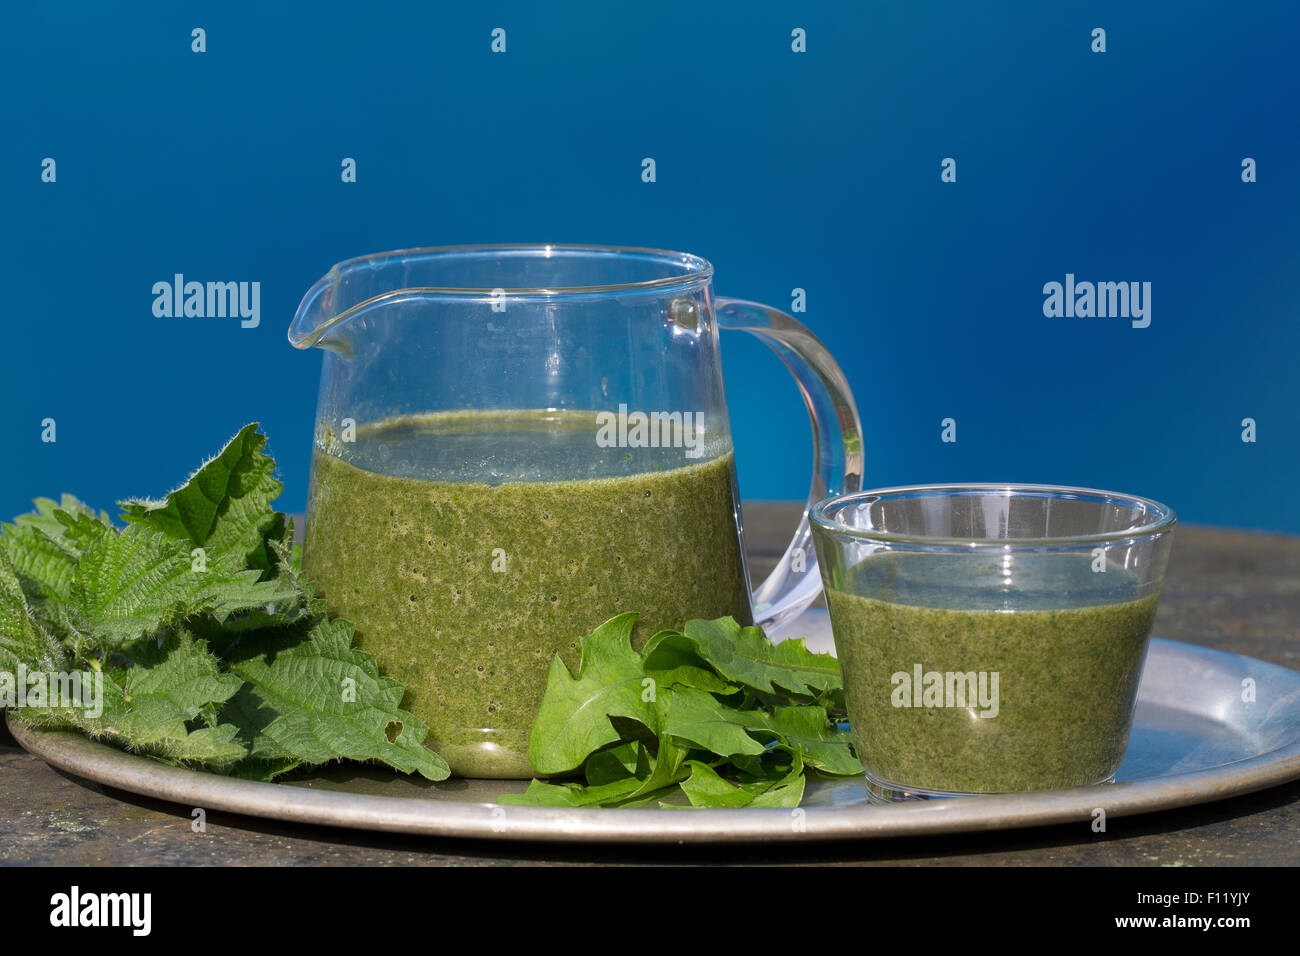 Frullato di verde, smoothie, Grüner Smoothie, Smoothy, Ganzfruchtgetränk, gesund, Gesundheit, salubrità, salute Foto Stock